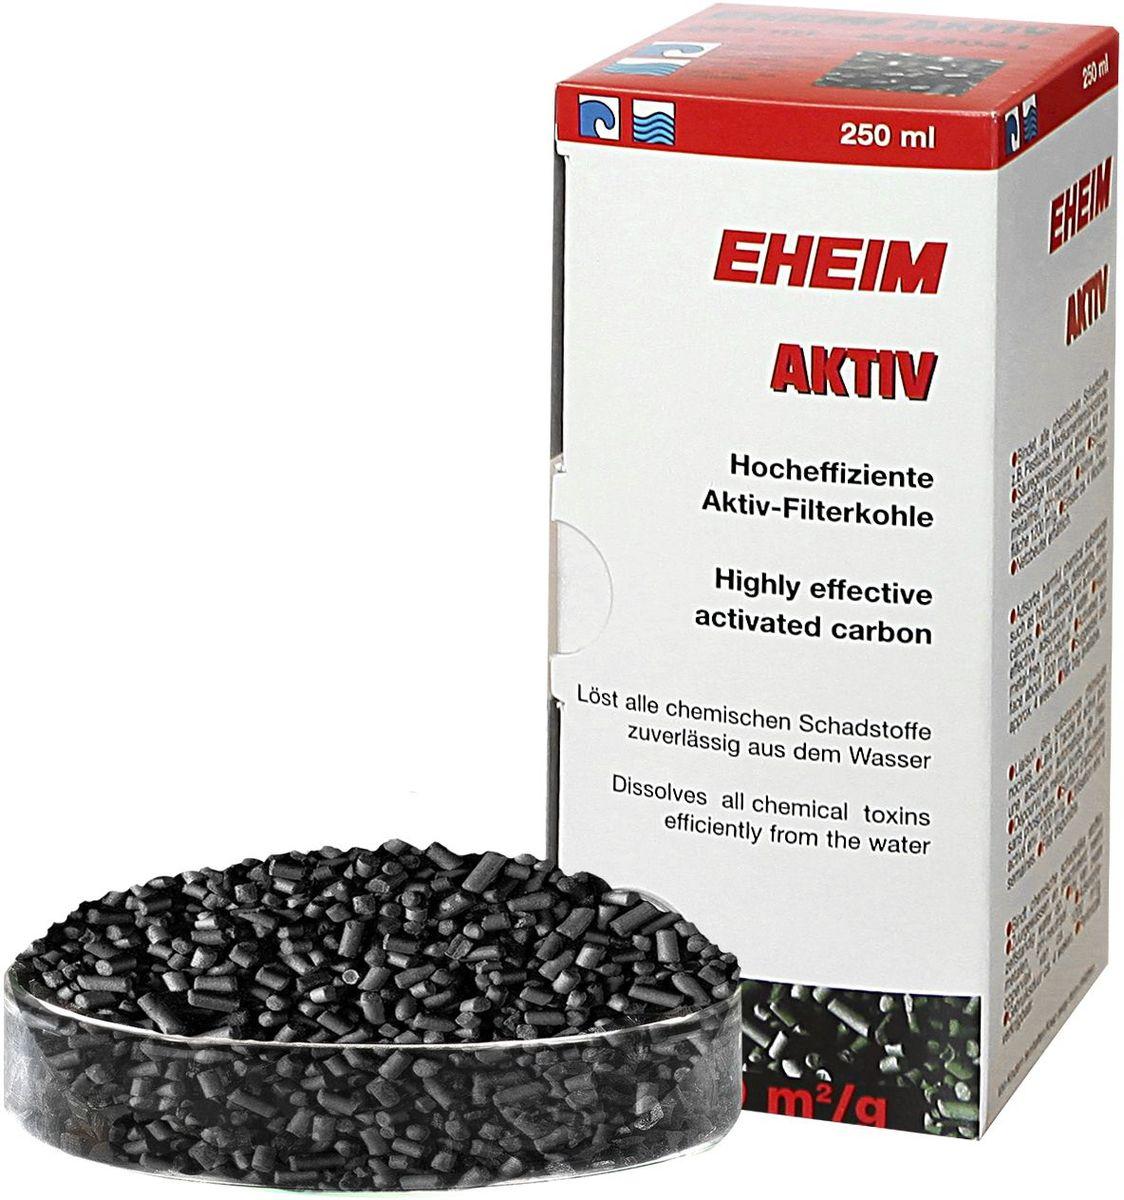 Наполнитель для фильтра Eheim Aktiv Carbon, угольный, 250 мл0120710Уголь Ehaim KARBON обеспечивает быстрый сбор растворенных в воде вредных веществ,пестицидов.Не содержит тяжелых металлов, обладает нетральным уровнем pH. AKTIV KARBON Обладает большей эффективностью по сбору вредных веществ.